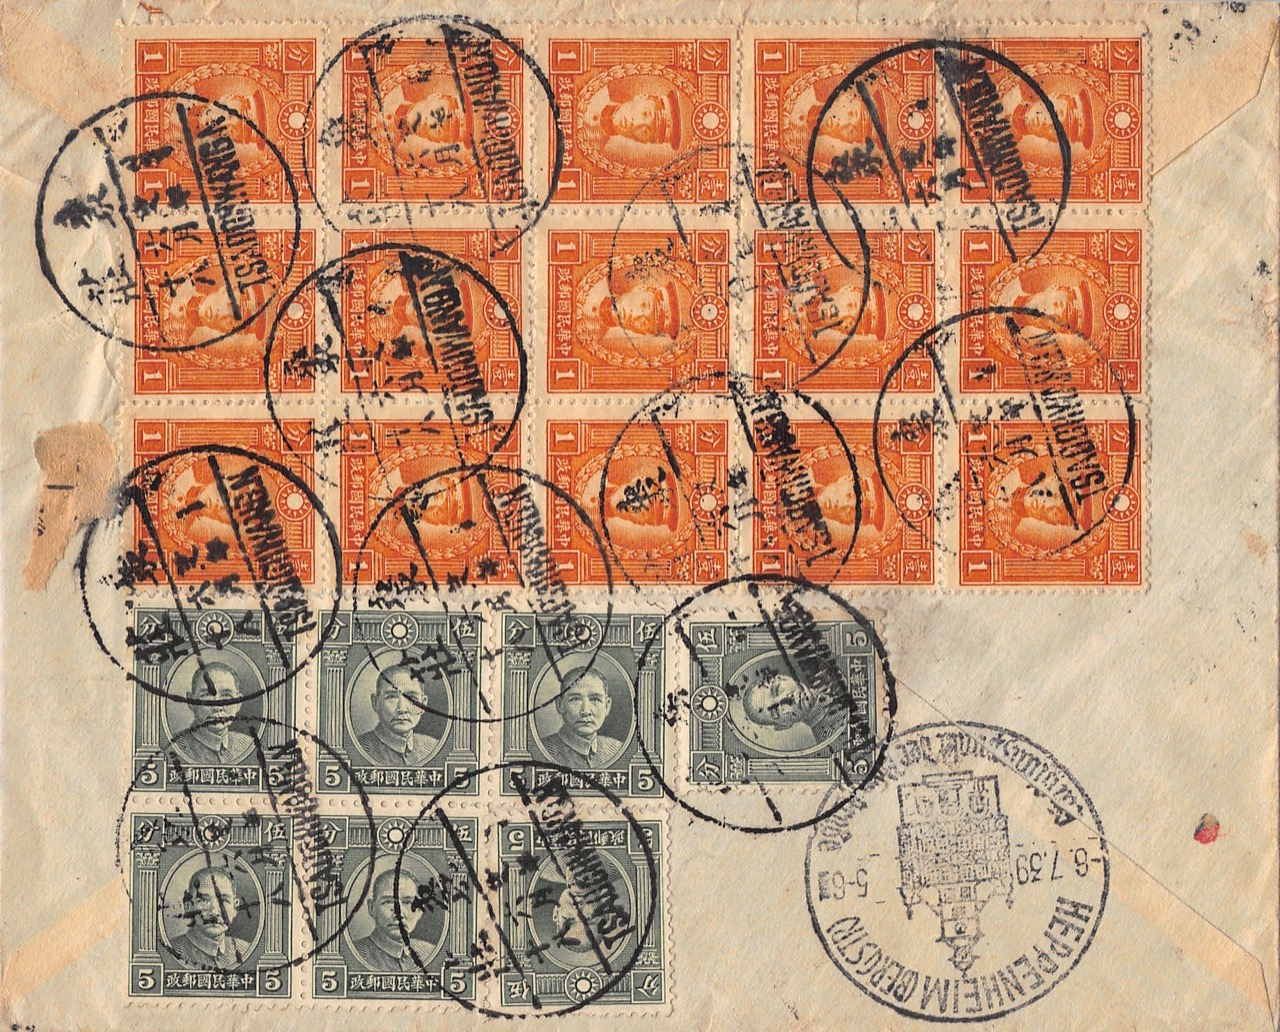 1939, Massenfrankatur auf Brief einer Minengesellschaft aus Tsaochuang (Schantung) nach Deutschland